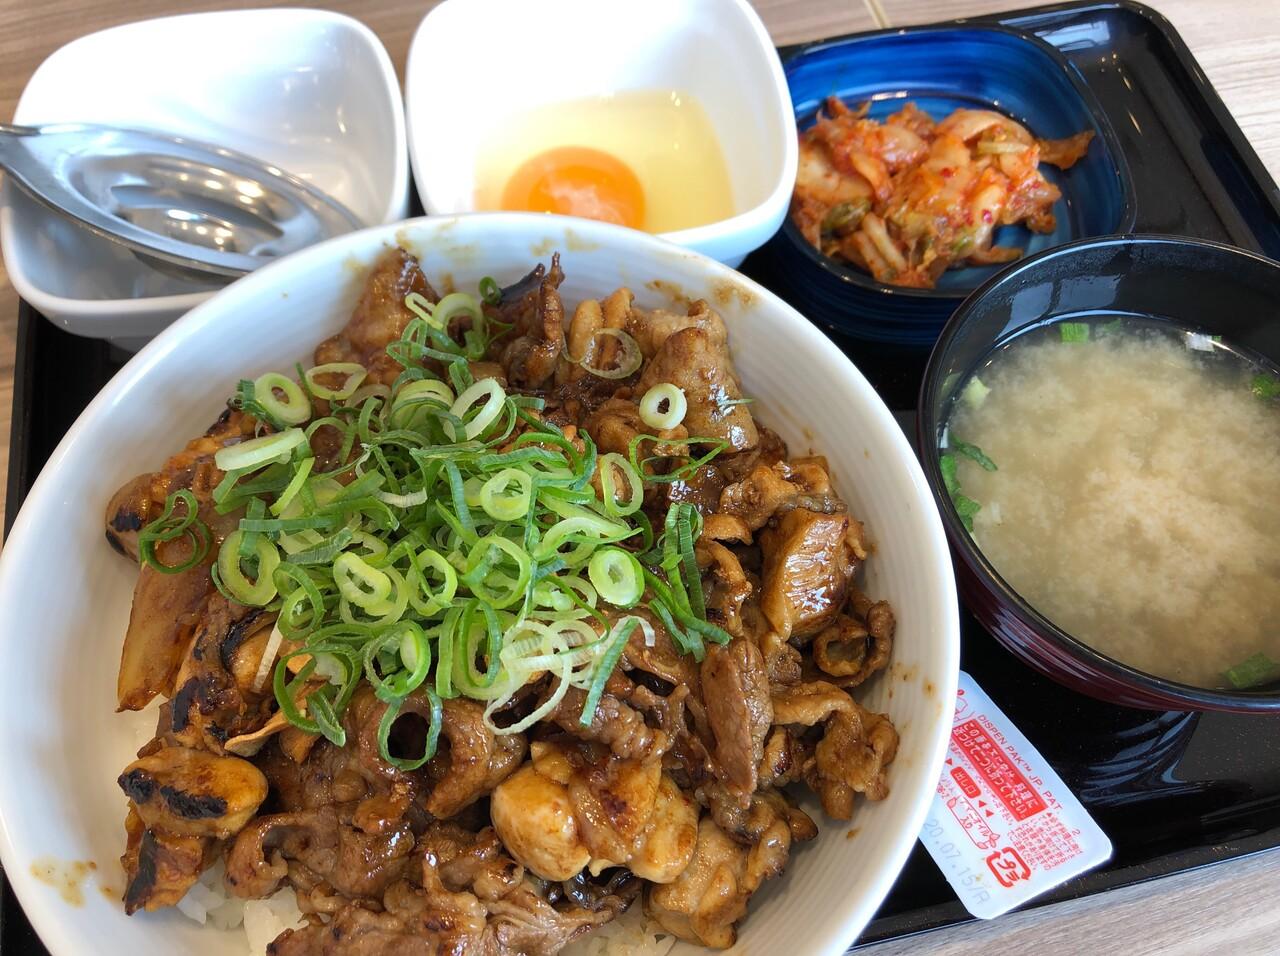 スタミナ 吉野家 吉野家でスタミナ超特盛丼食べた感想。めっちゃ濃い|tabiメモ